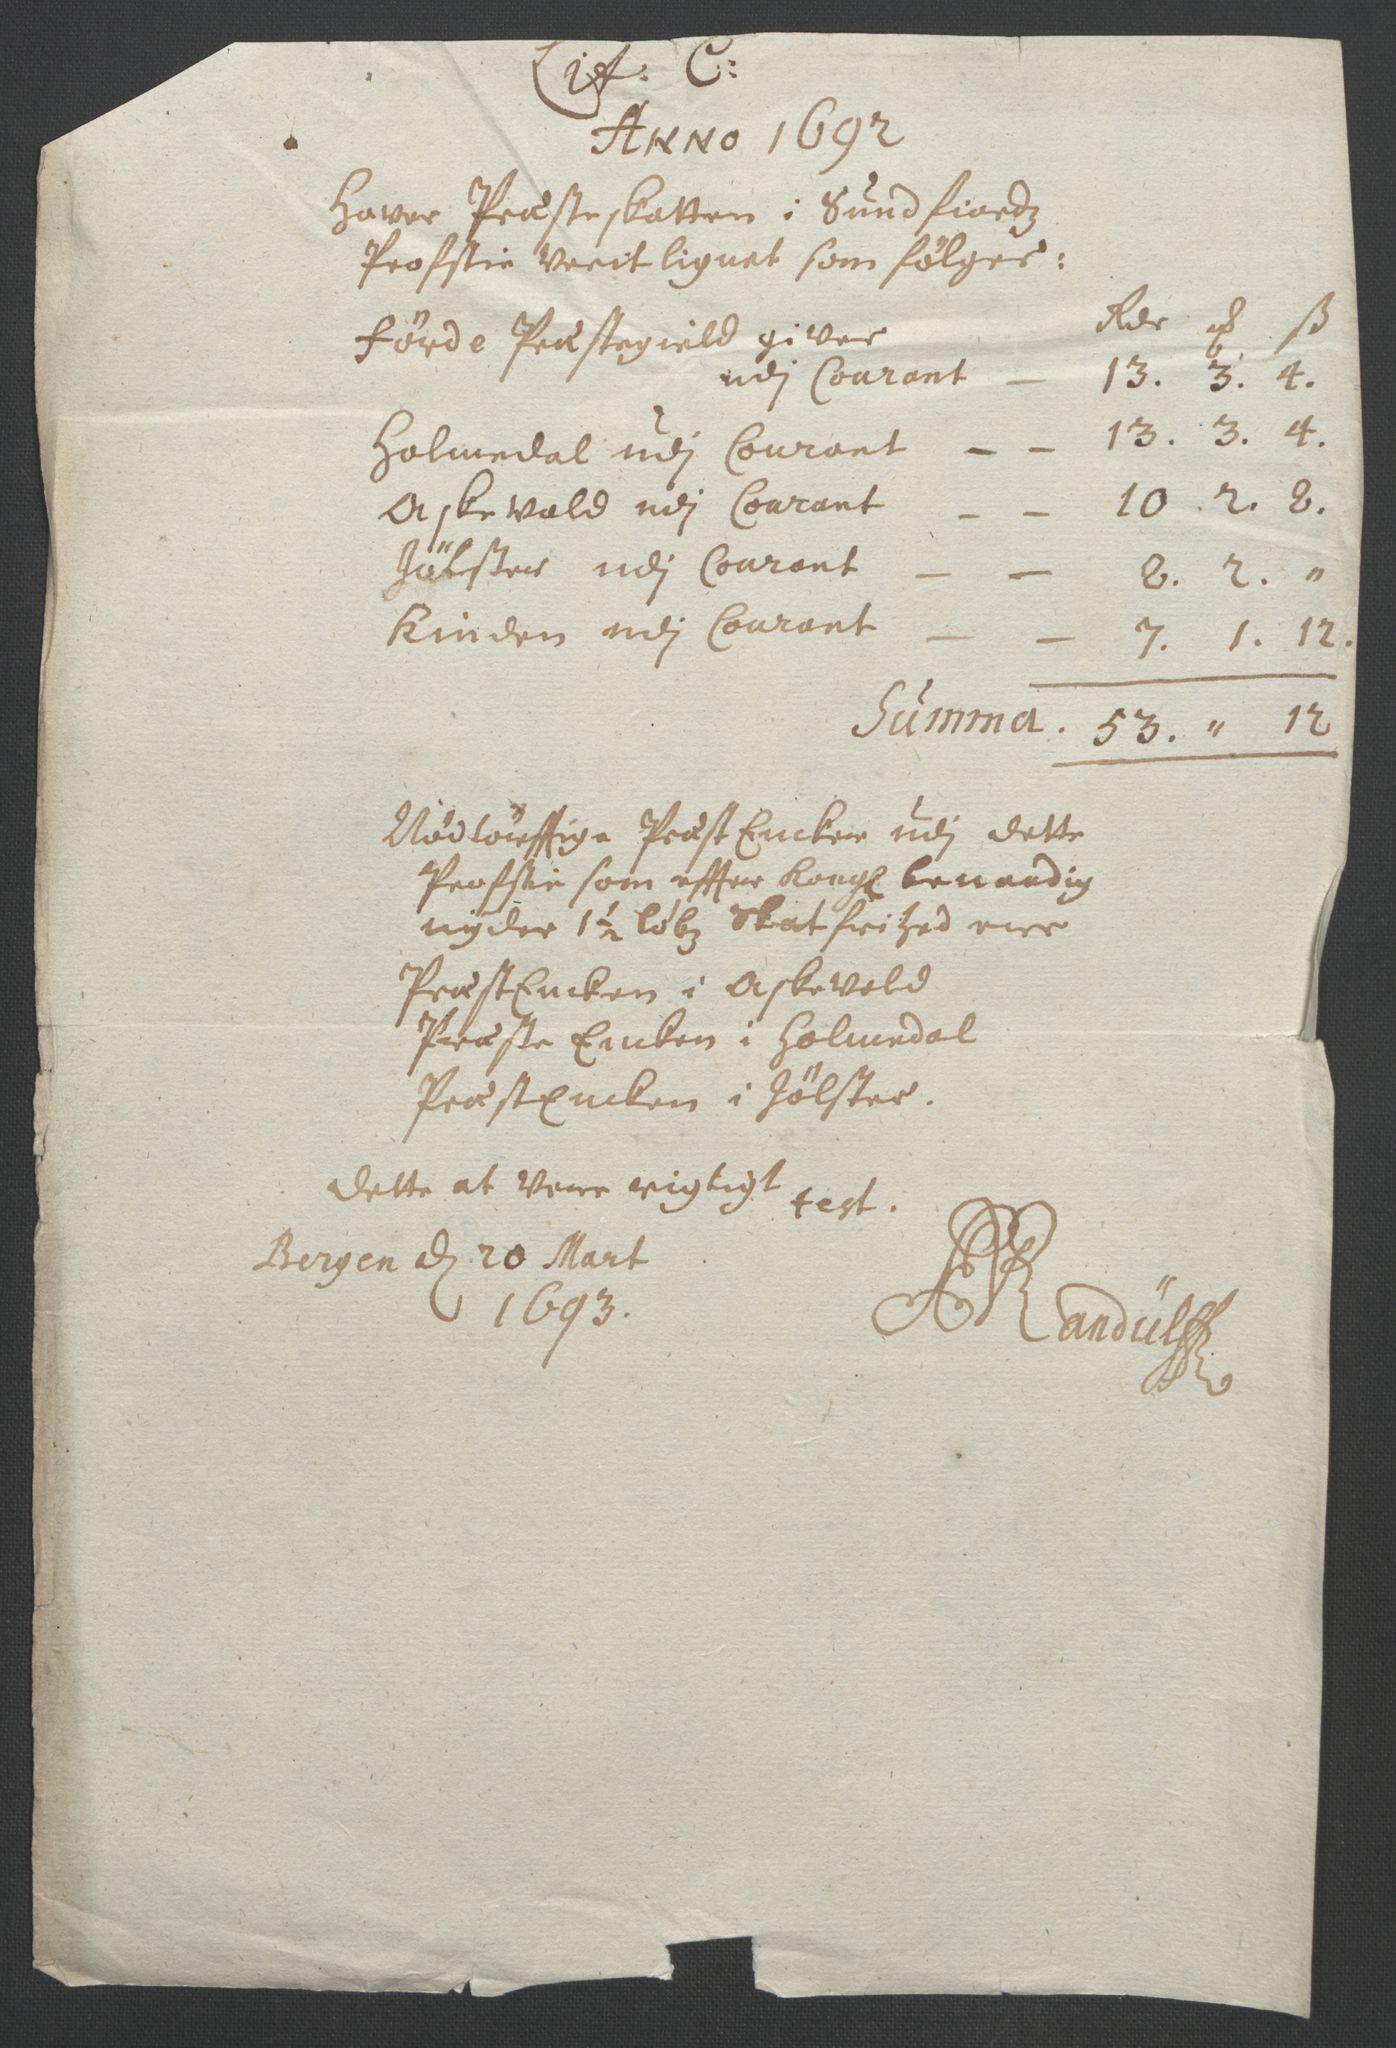 RA, Rentekammeret inntil 1814, Reviderte regnskaper, Fogderegnskap, R53/L3420: Fogderegnskap Sunn- og Nordfjord, 1691-1692, s. 206